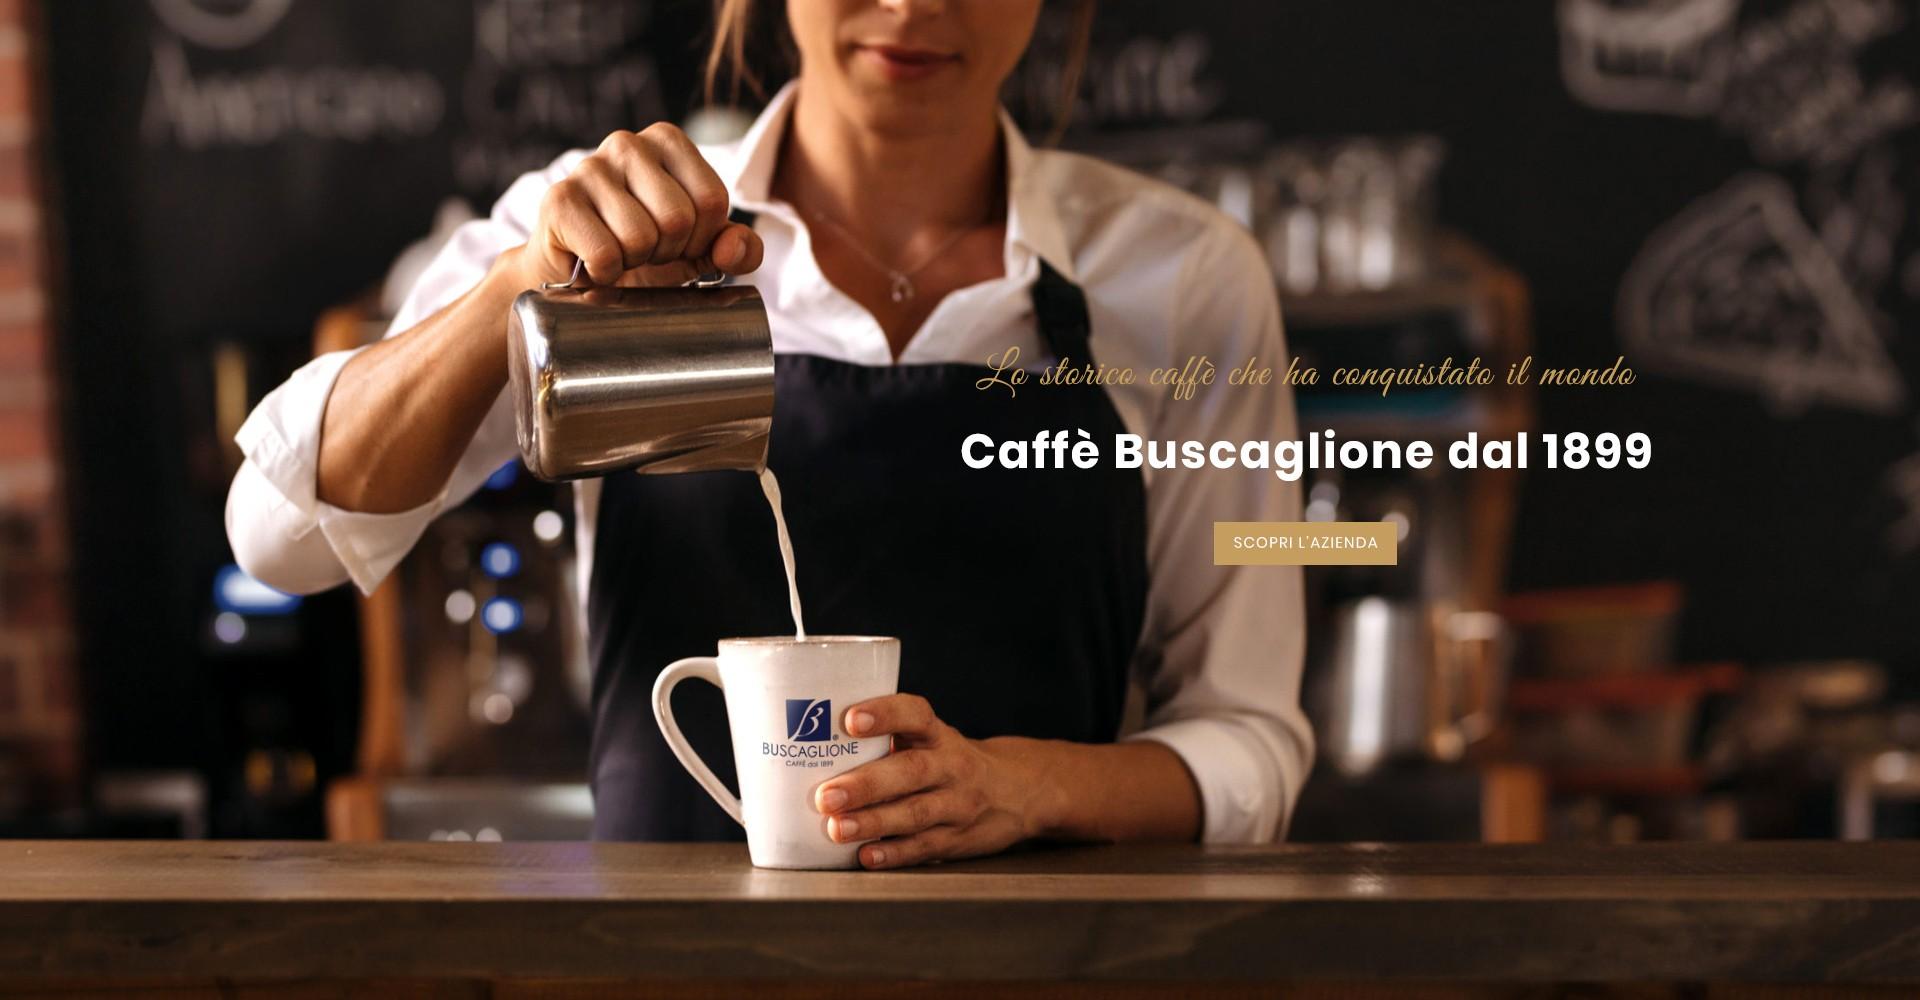 Caffè Buscaglione dal 1899